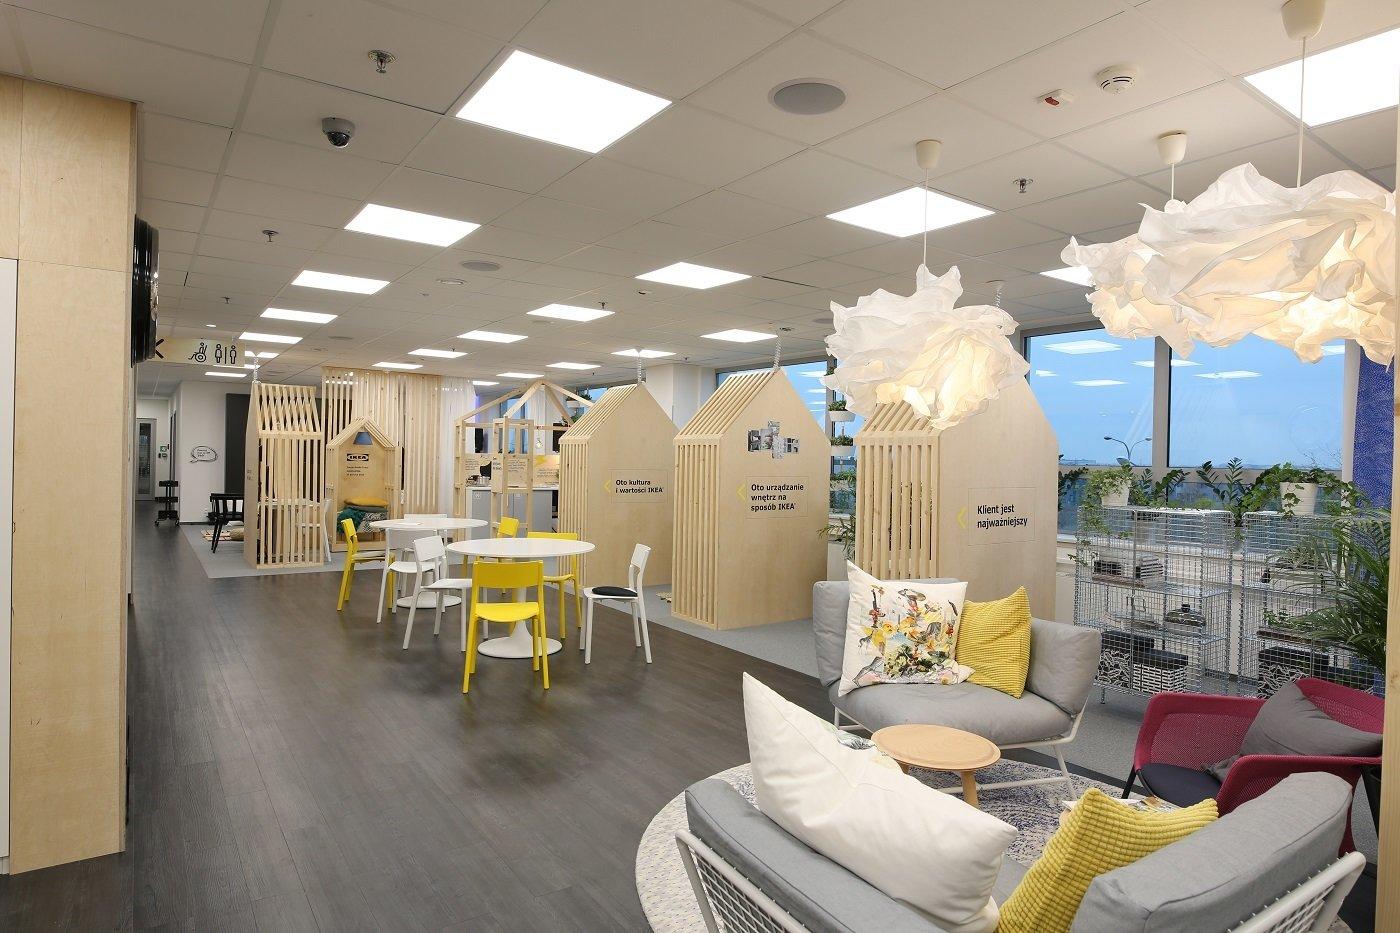 Miejsce stworzone dla ludzi, które zmienia przyszłość rekrutacji  Twoje Studio Pracy IKEA już otwarte!